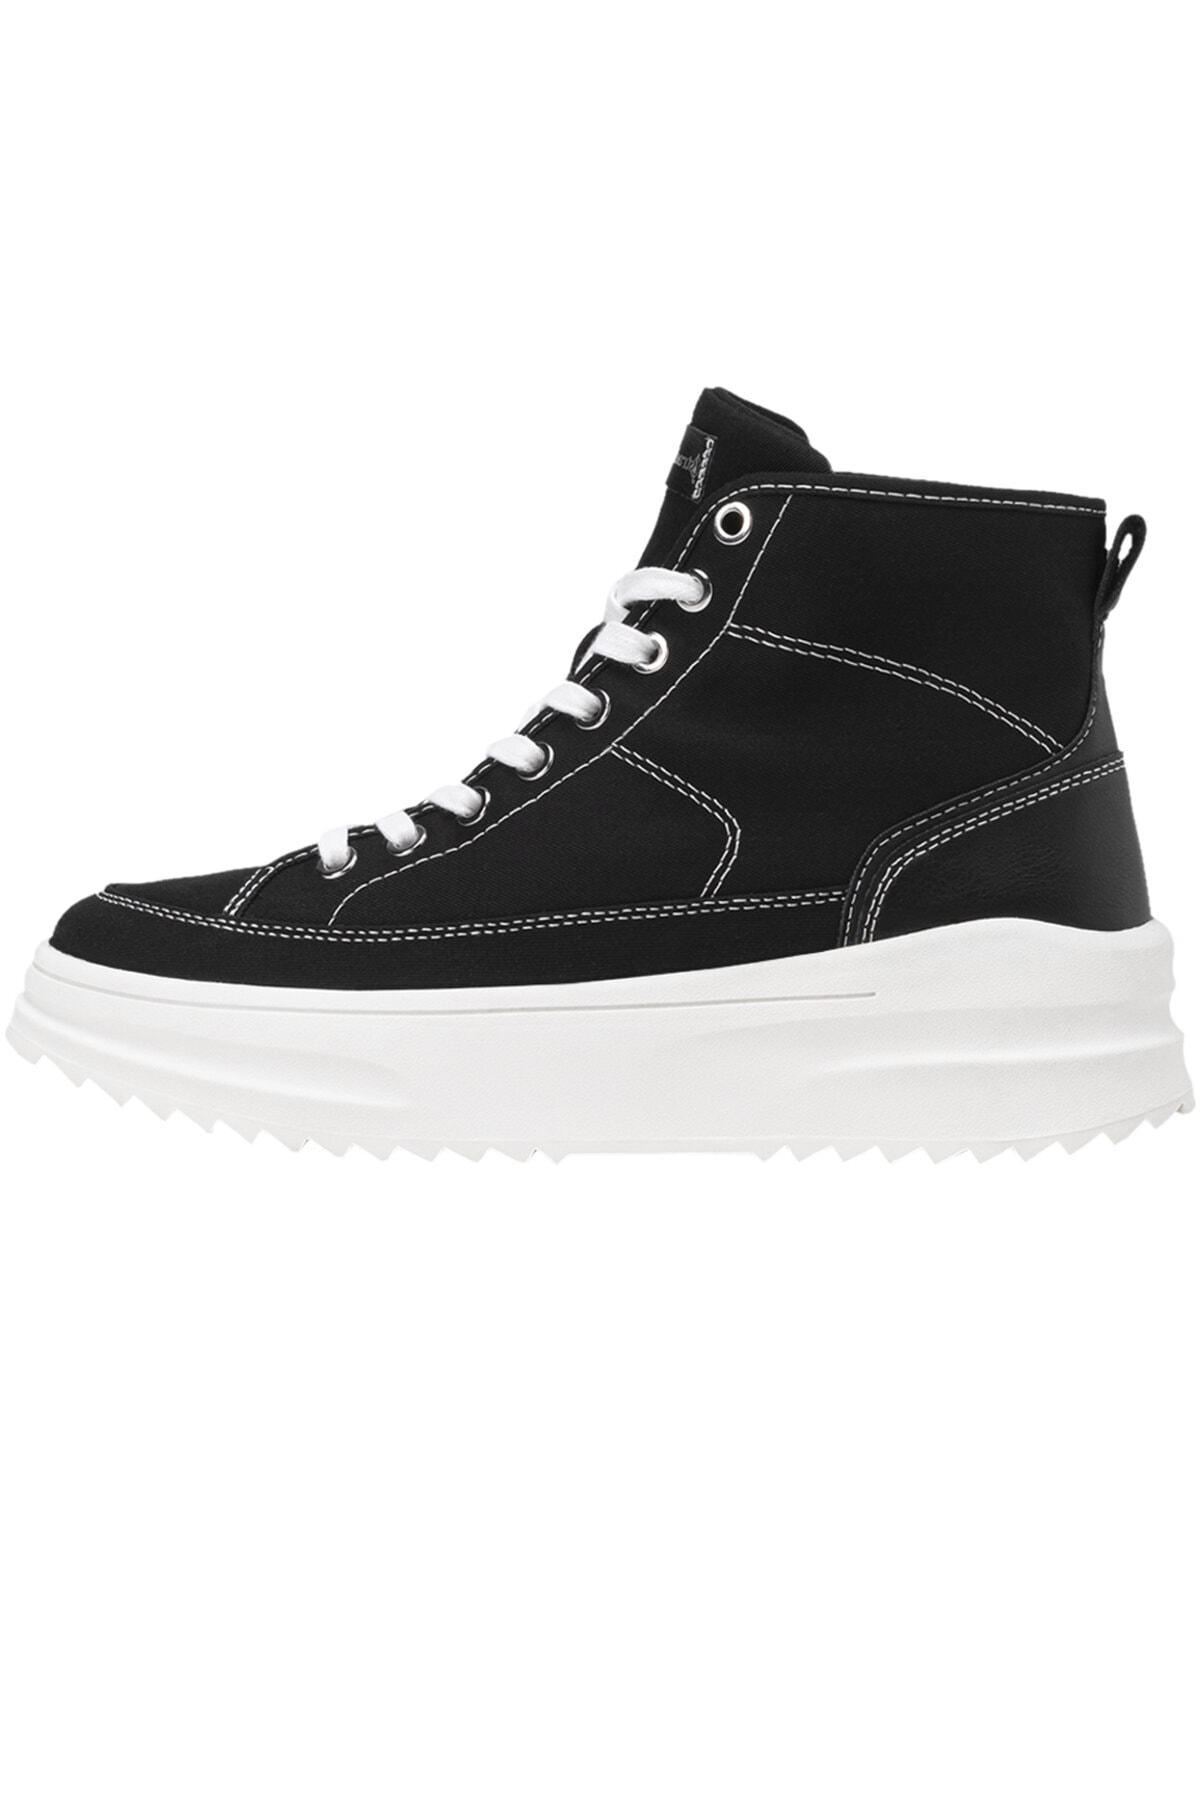 Stradivarius Kadın Siyah Kumaş Bilekli Spor Ayakkabı 19005770